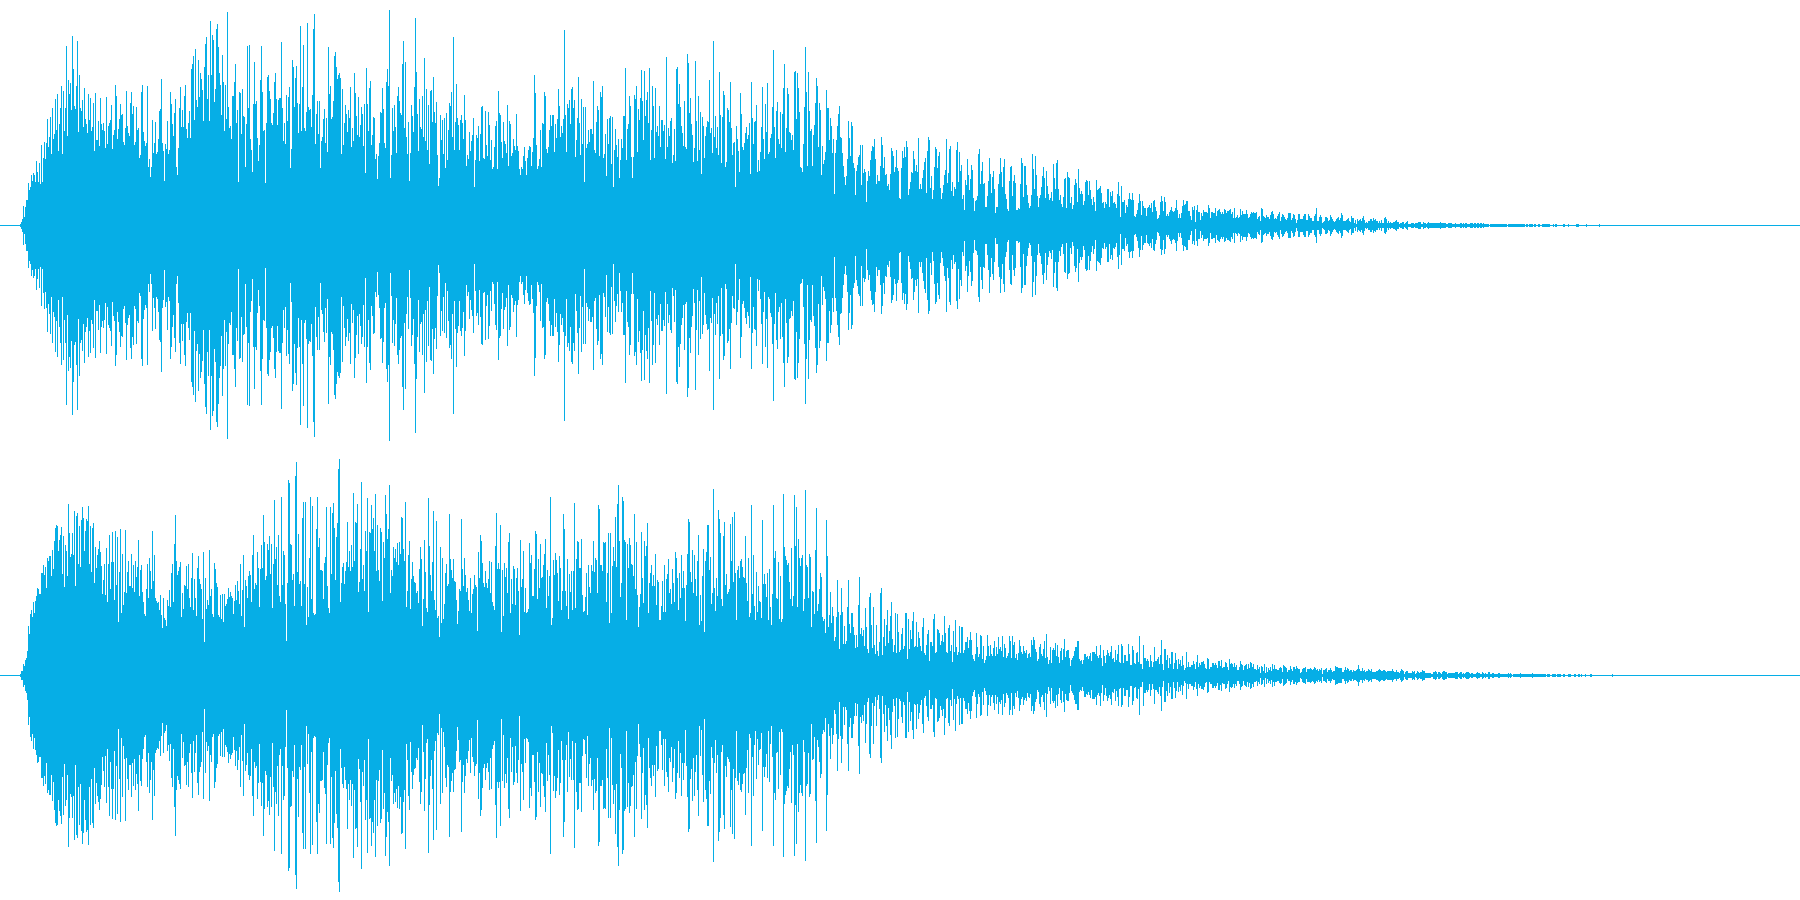 残念、荘厳なゲームオーバー オーケストラの再生済みの波形